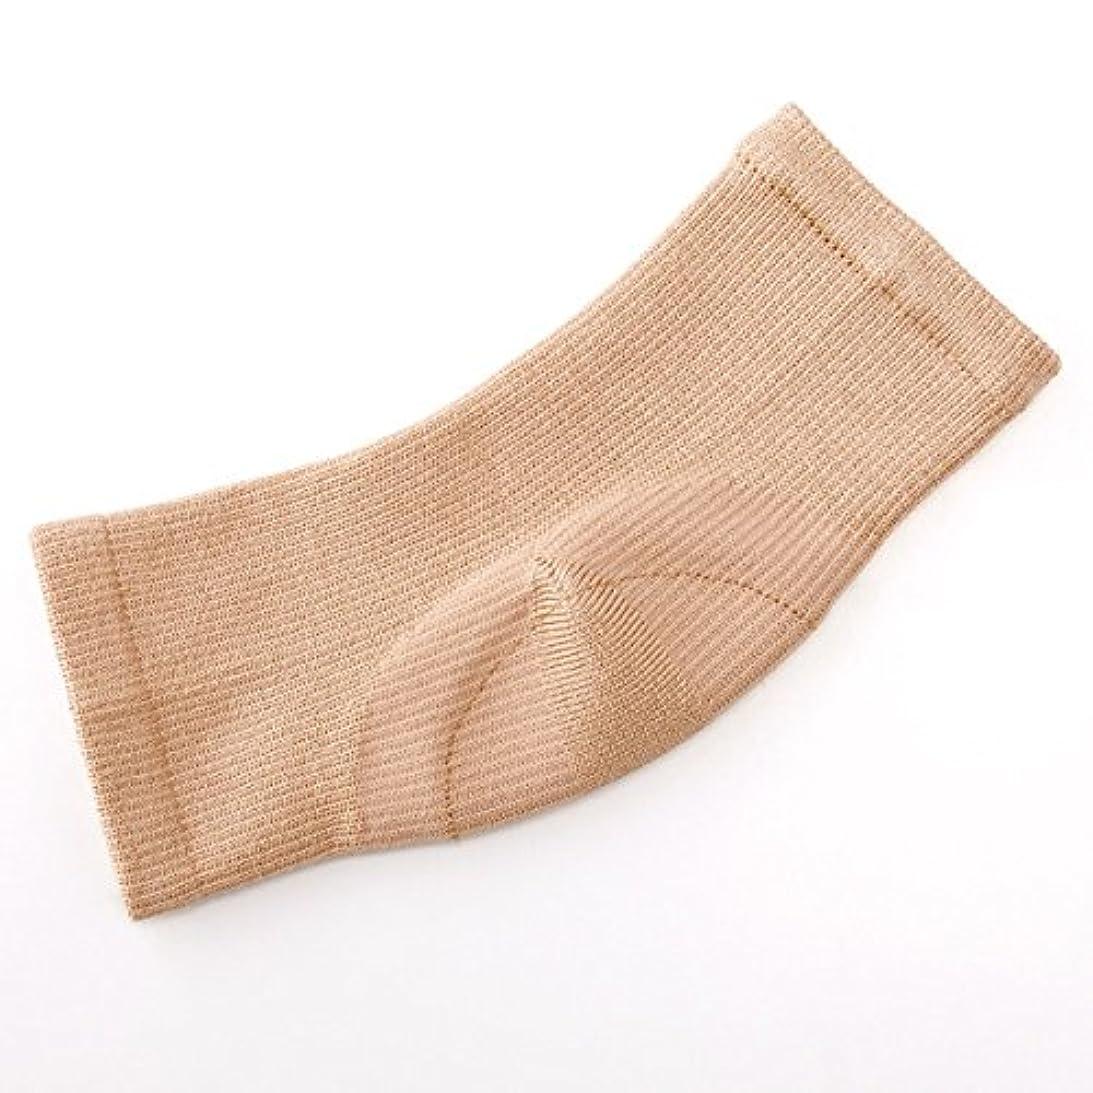 ひねりクラッシュ挑発するシルク混かかと足裏つるるん シルク混 フットカバー かかと 保湿 フットケア 靴下